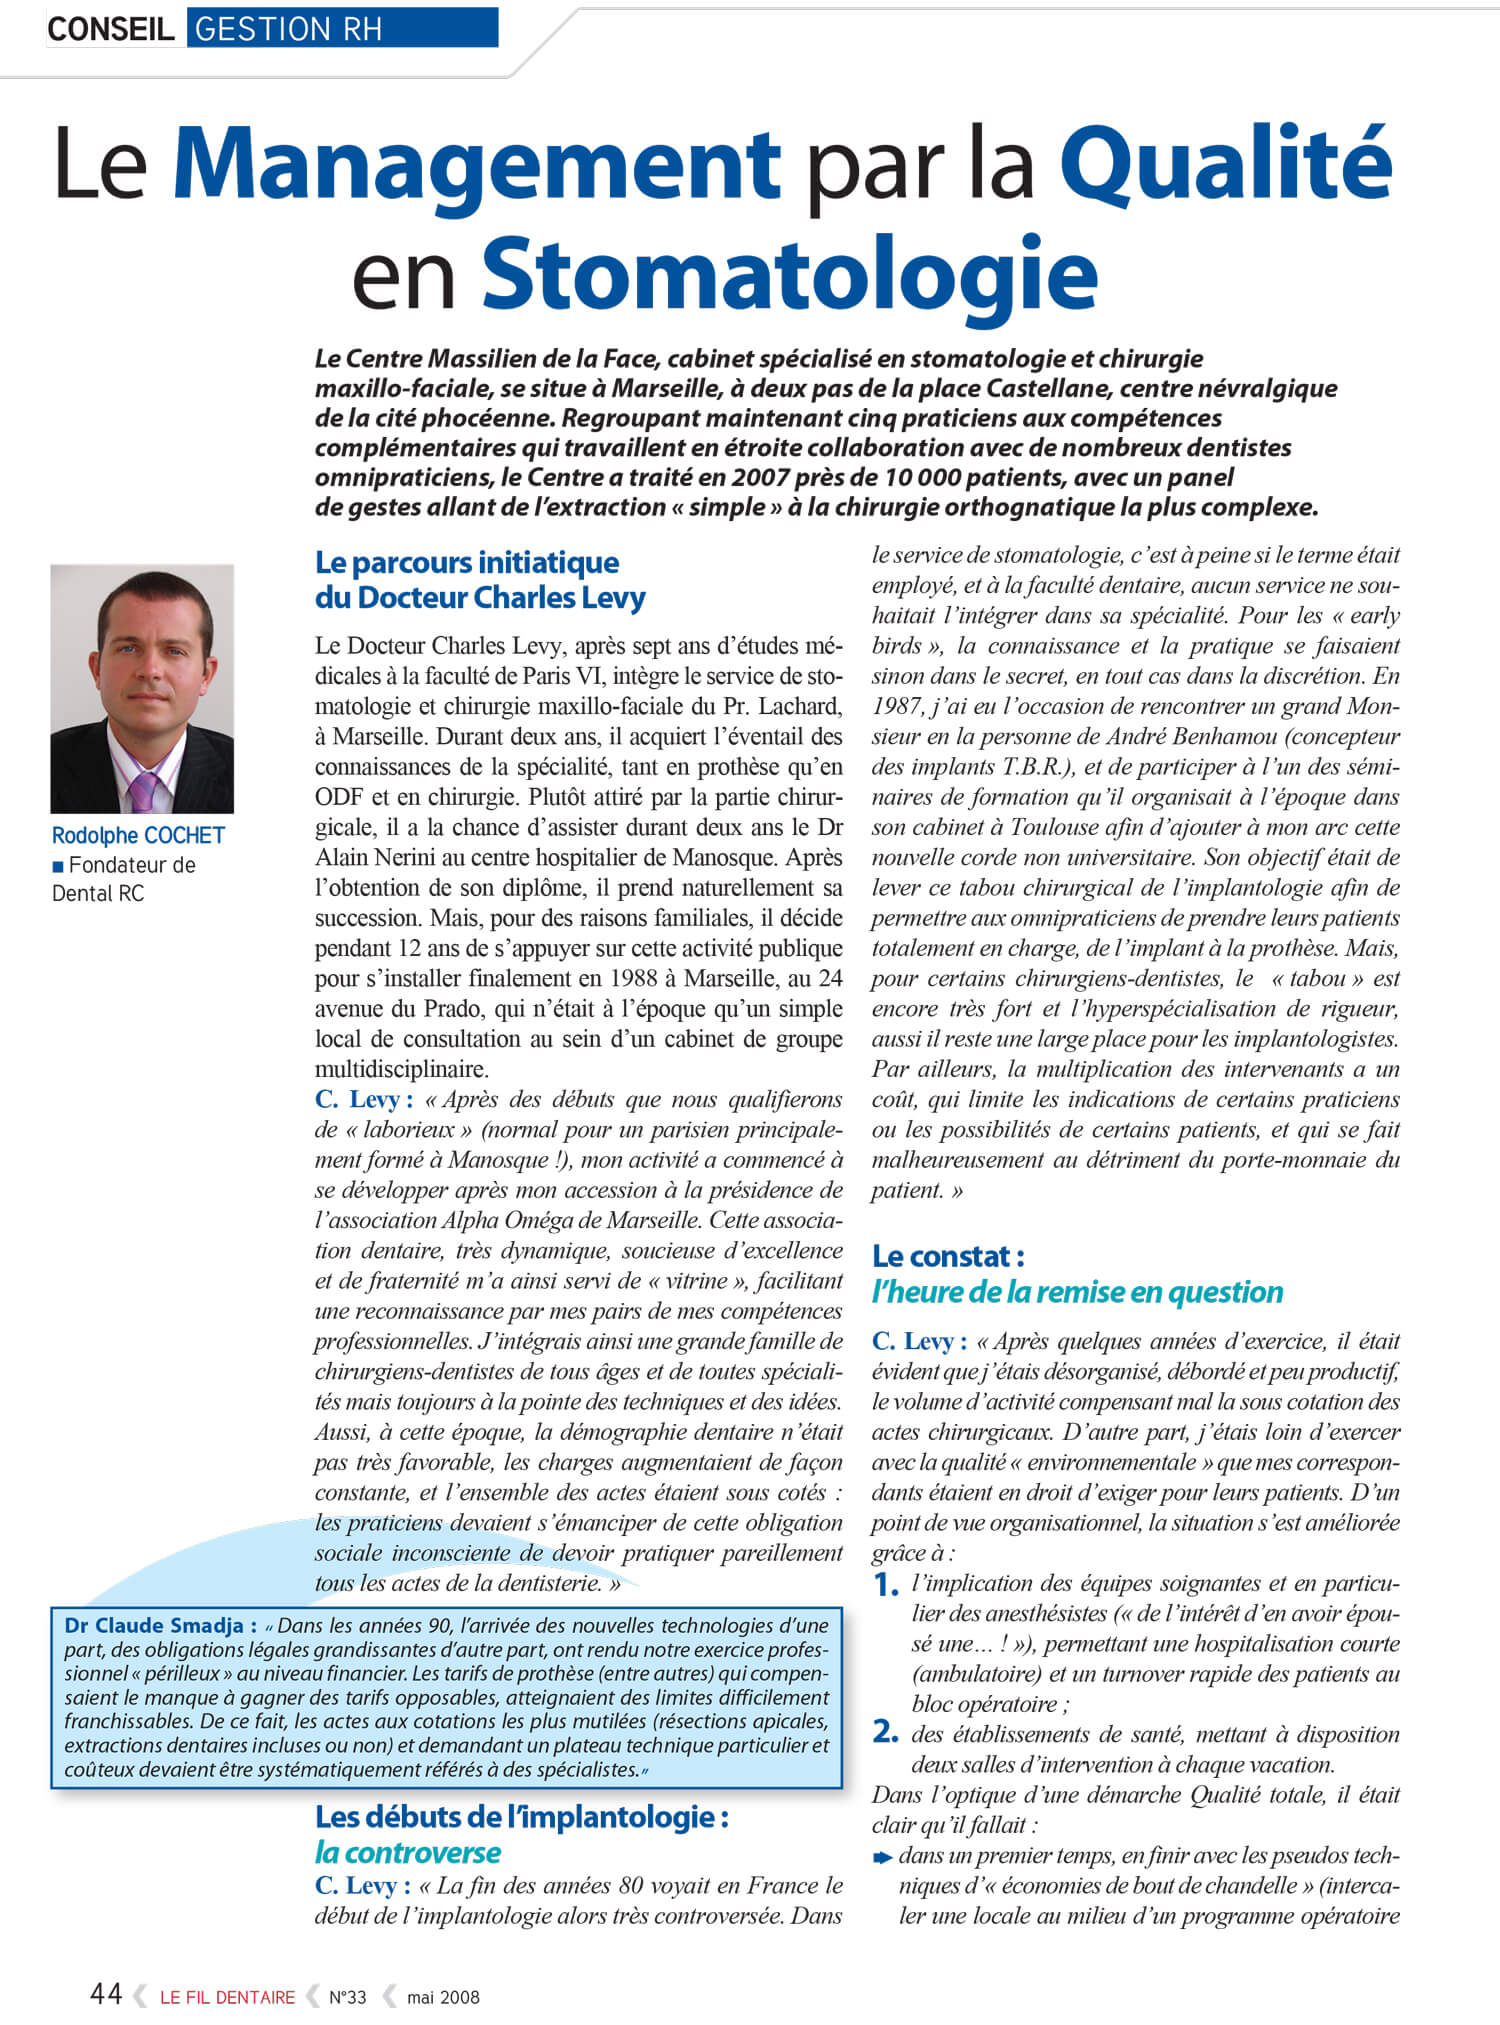 Le_Fil_Dentaire_Management_par_la_Qualite_en_Stomatologie_Rodolphe_Cochet.jpg